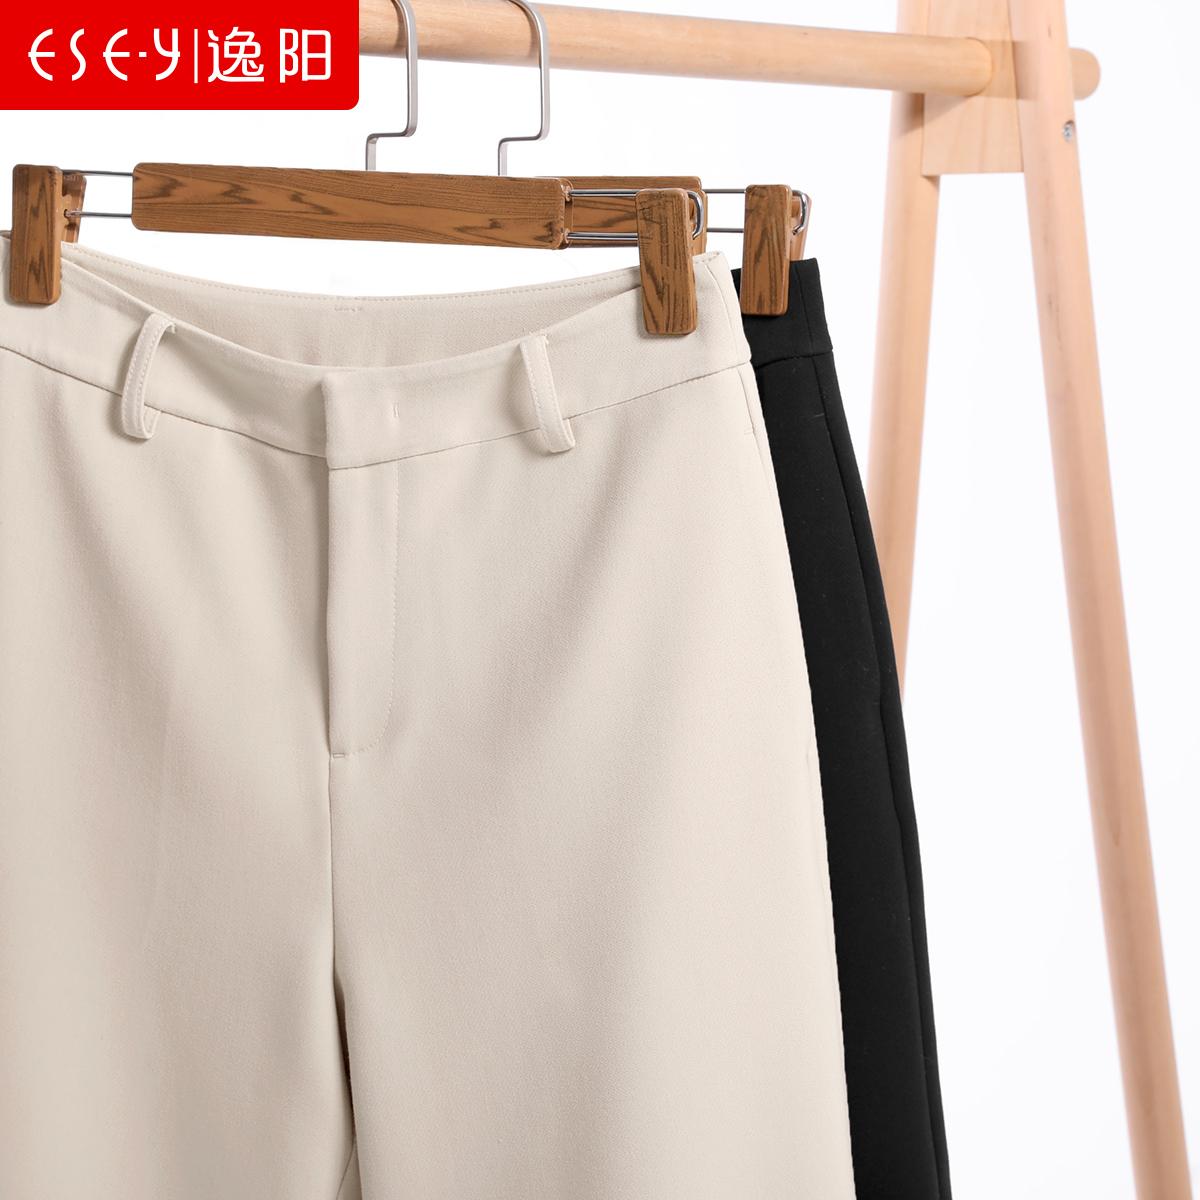 逸阳九分阔腿裤女高腰垂感2019秋季新款黑色宽松显瘦直筒春秋裤子